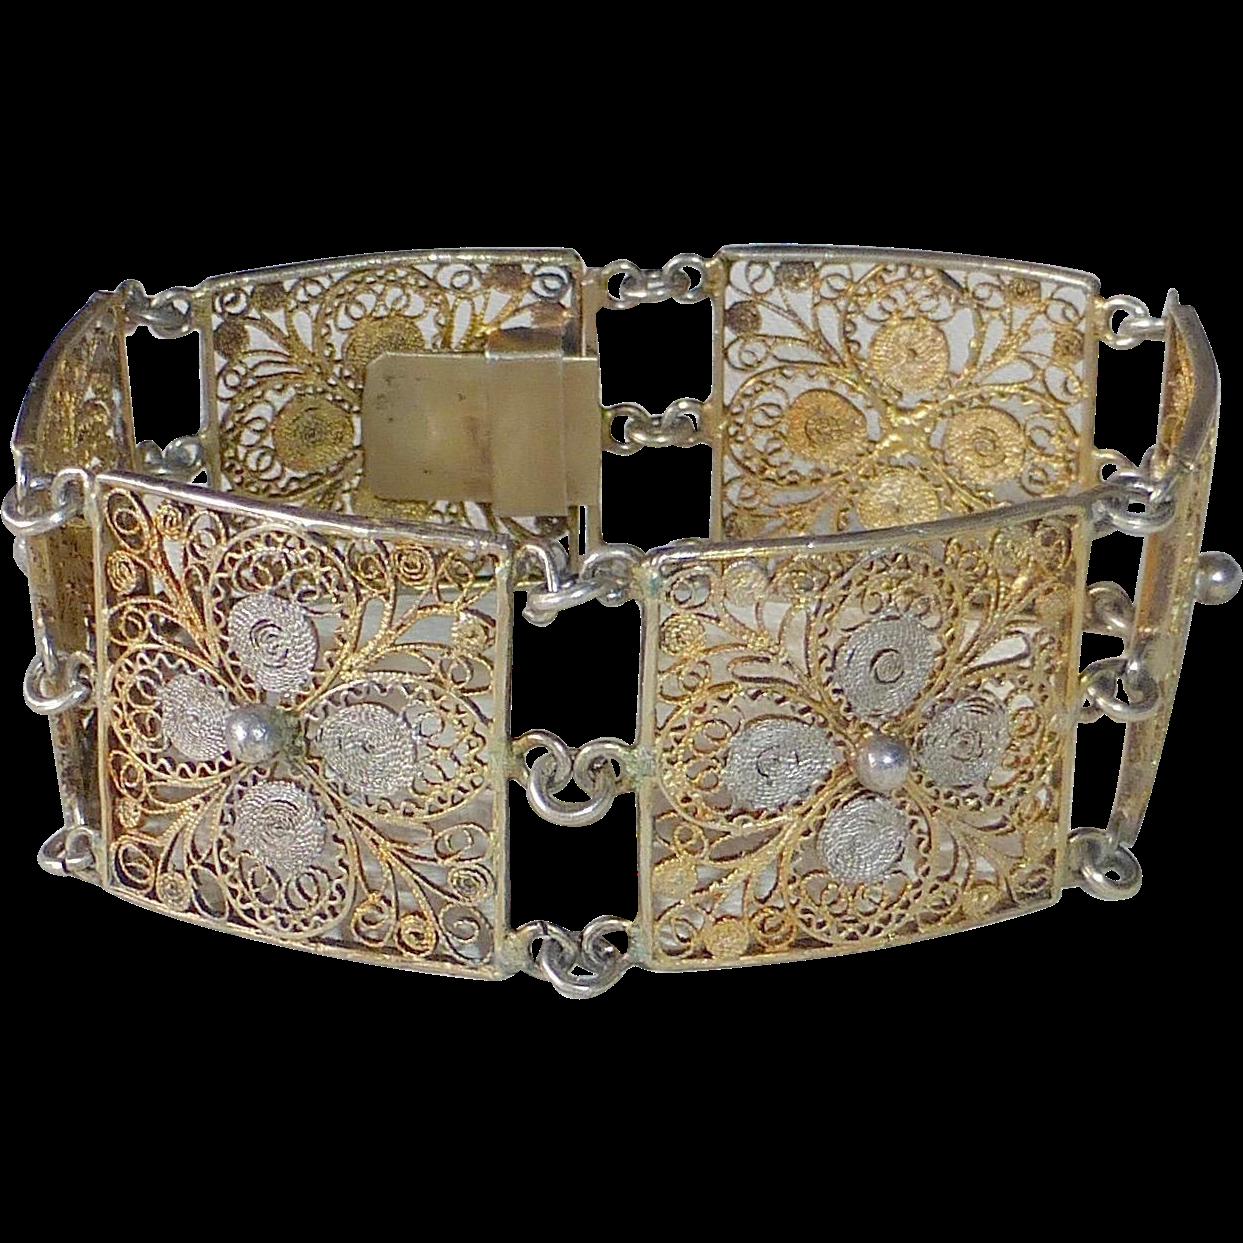 800 Silver & Gold Filled Silver Filigree Panel Bracelet